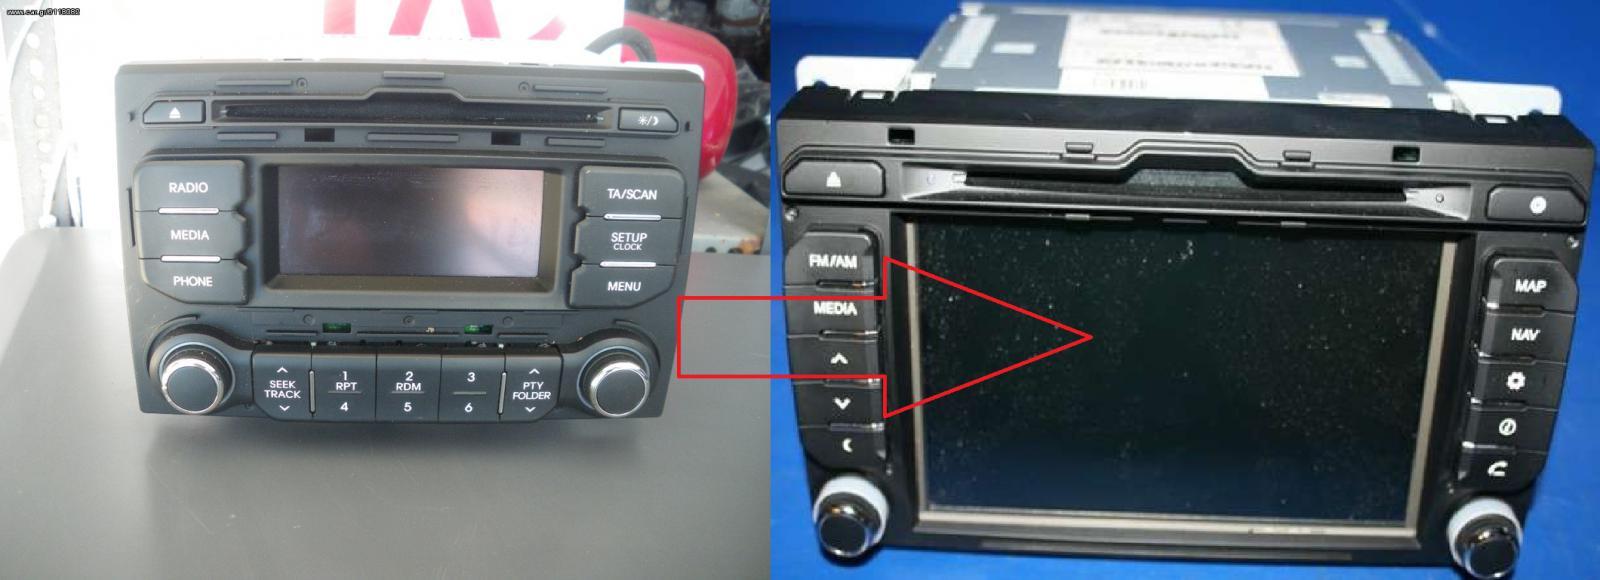 2012 kia forte navigation system